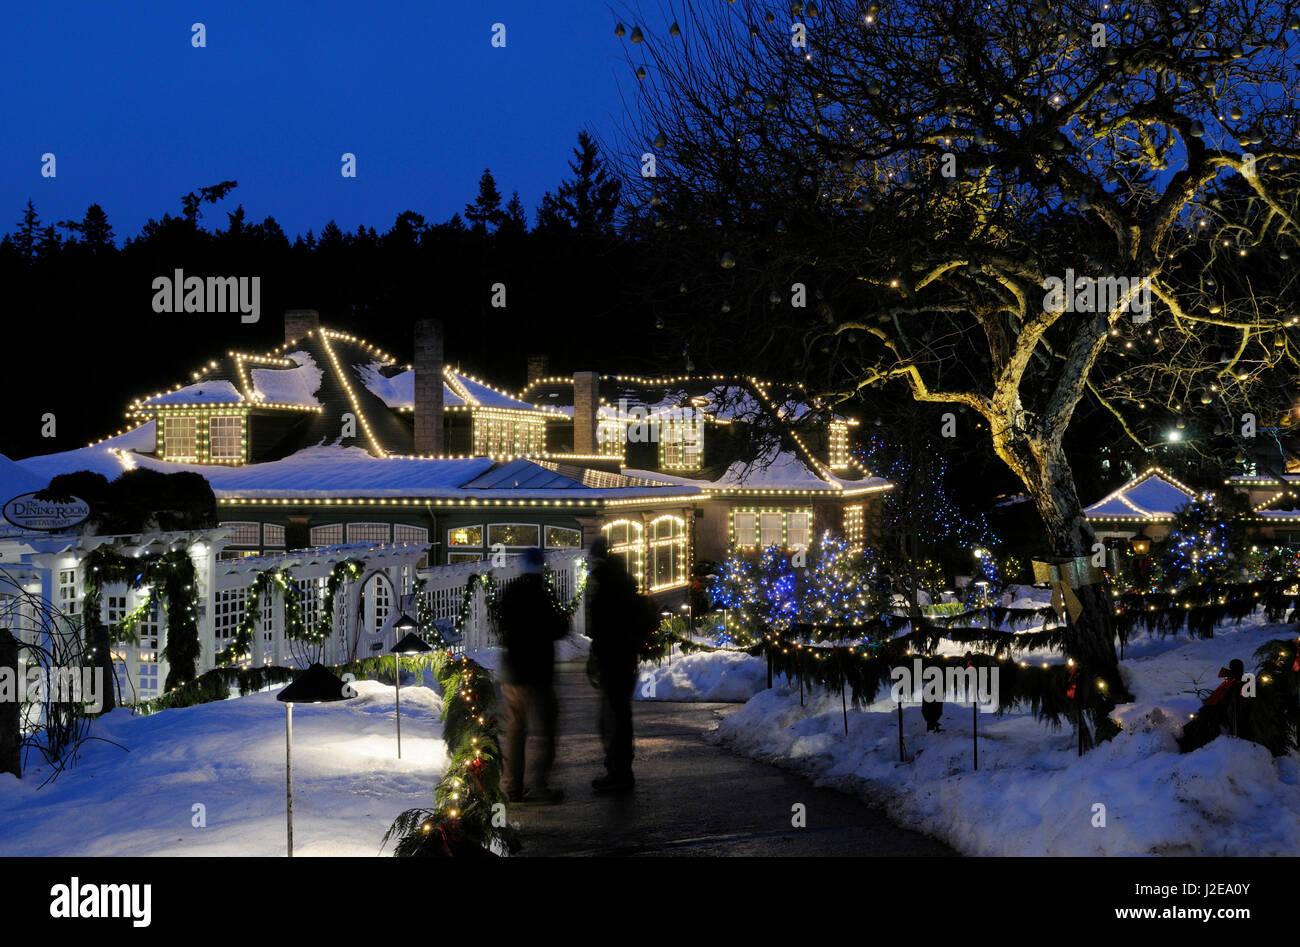 butchart gardens christmas stock photos u0026 butchart gardens